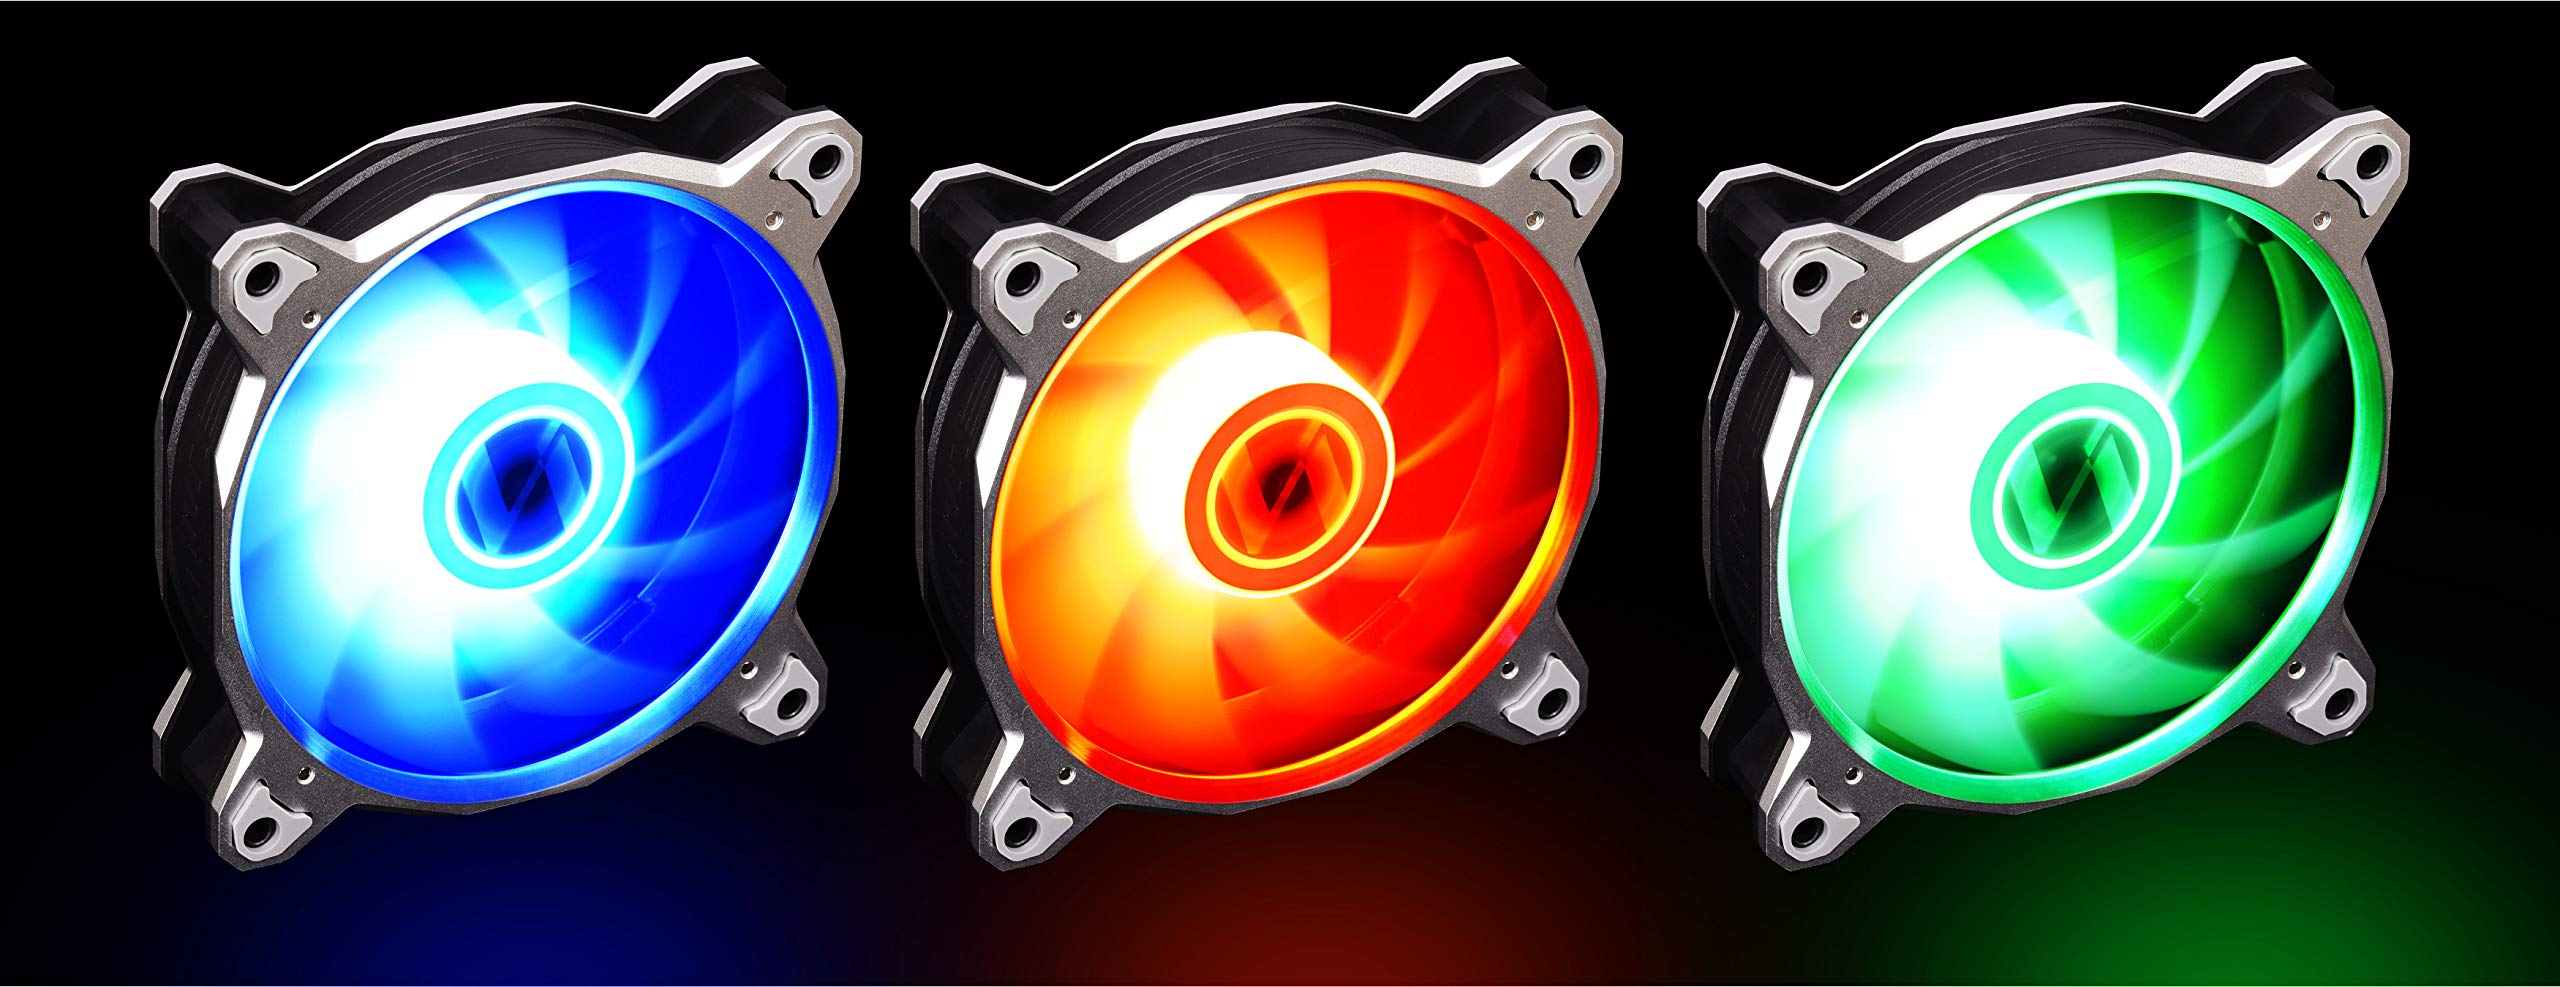 Lian Li BORALITE120 Silver RGB 120mm LED PWM Fan 3 Pack - Silver Frame Cooling